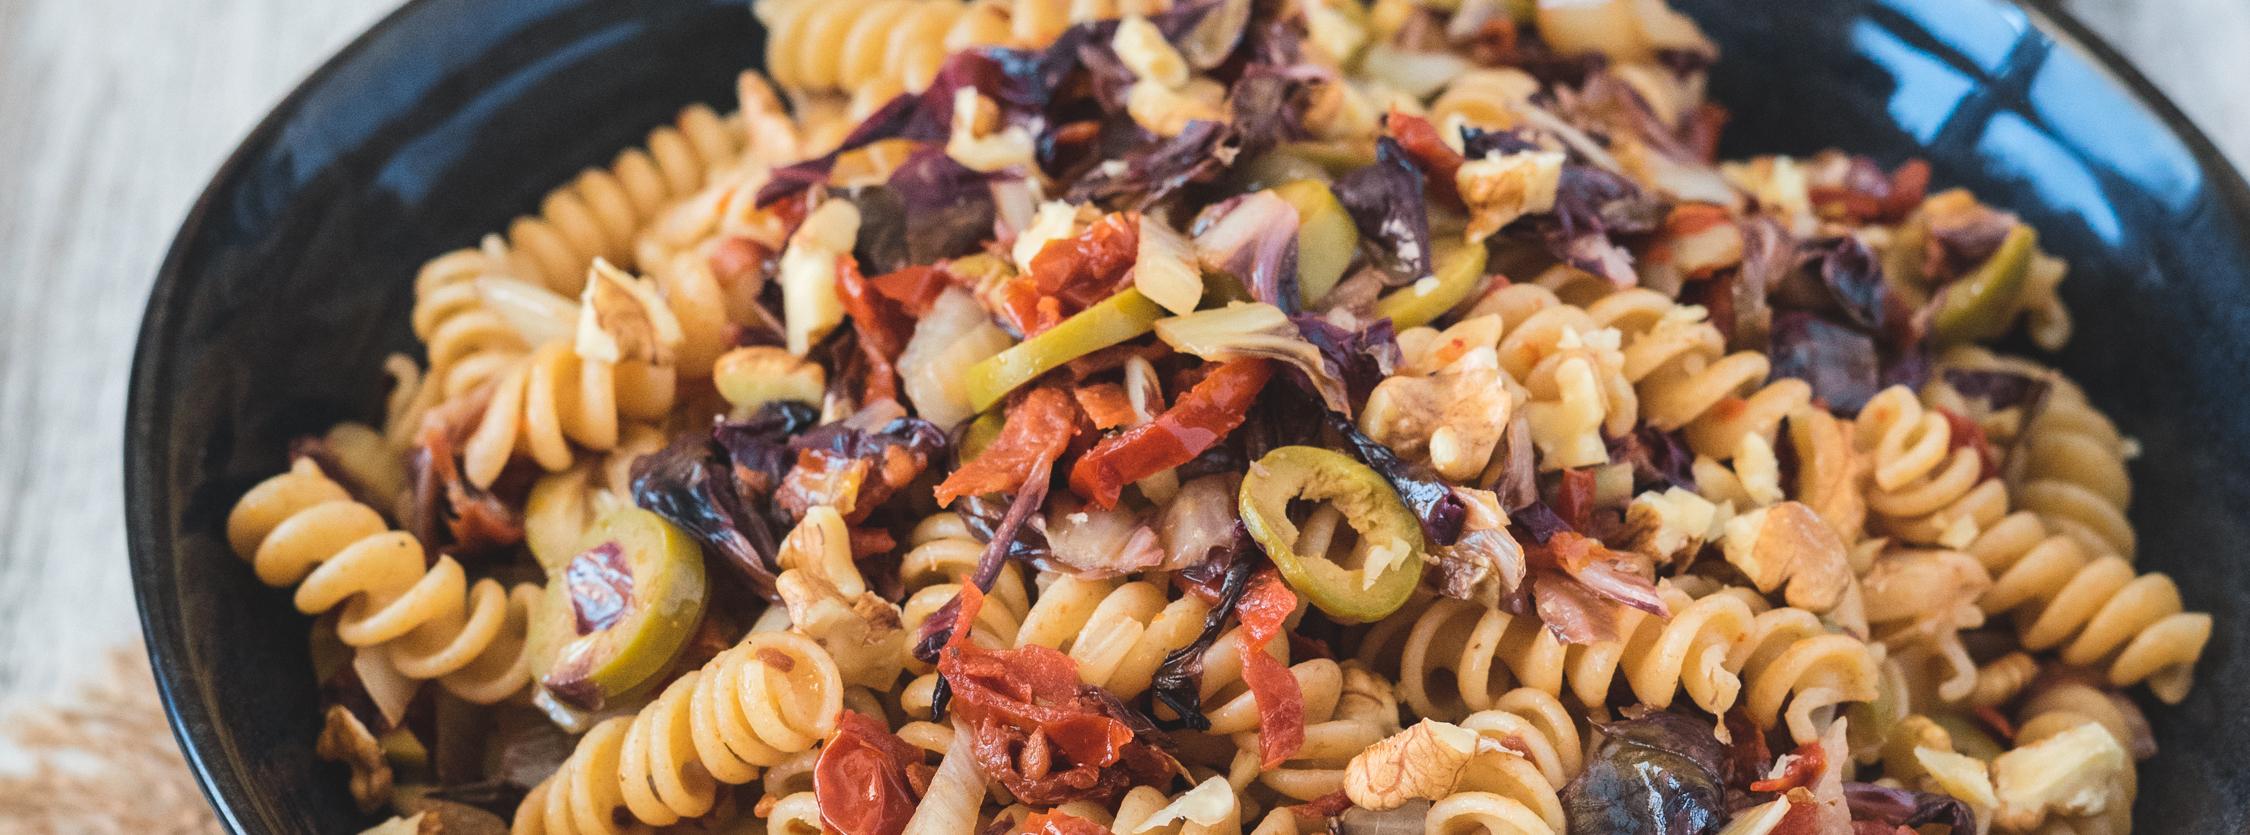 Trivelline Sgambaro radicchio noci e pomodorini secchi